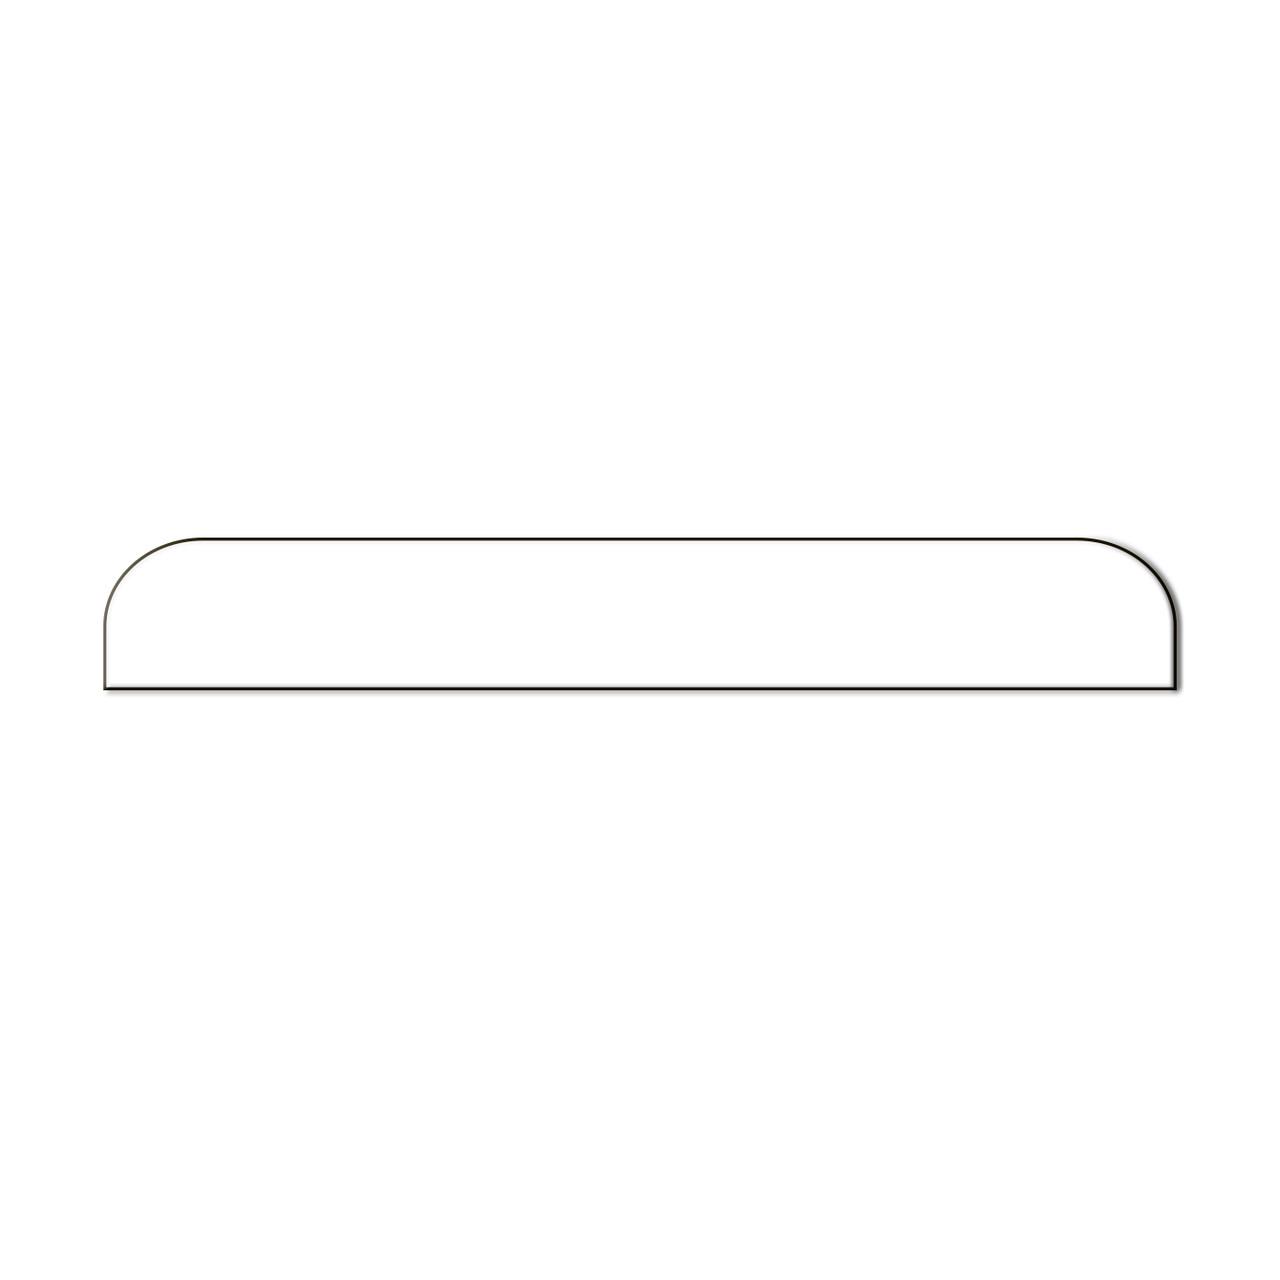 Стекло Apple iPhone 5/5S заднее нижнее White (58)